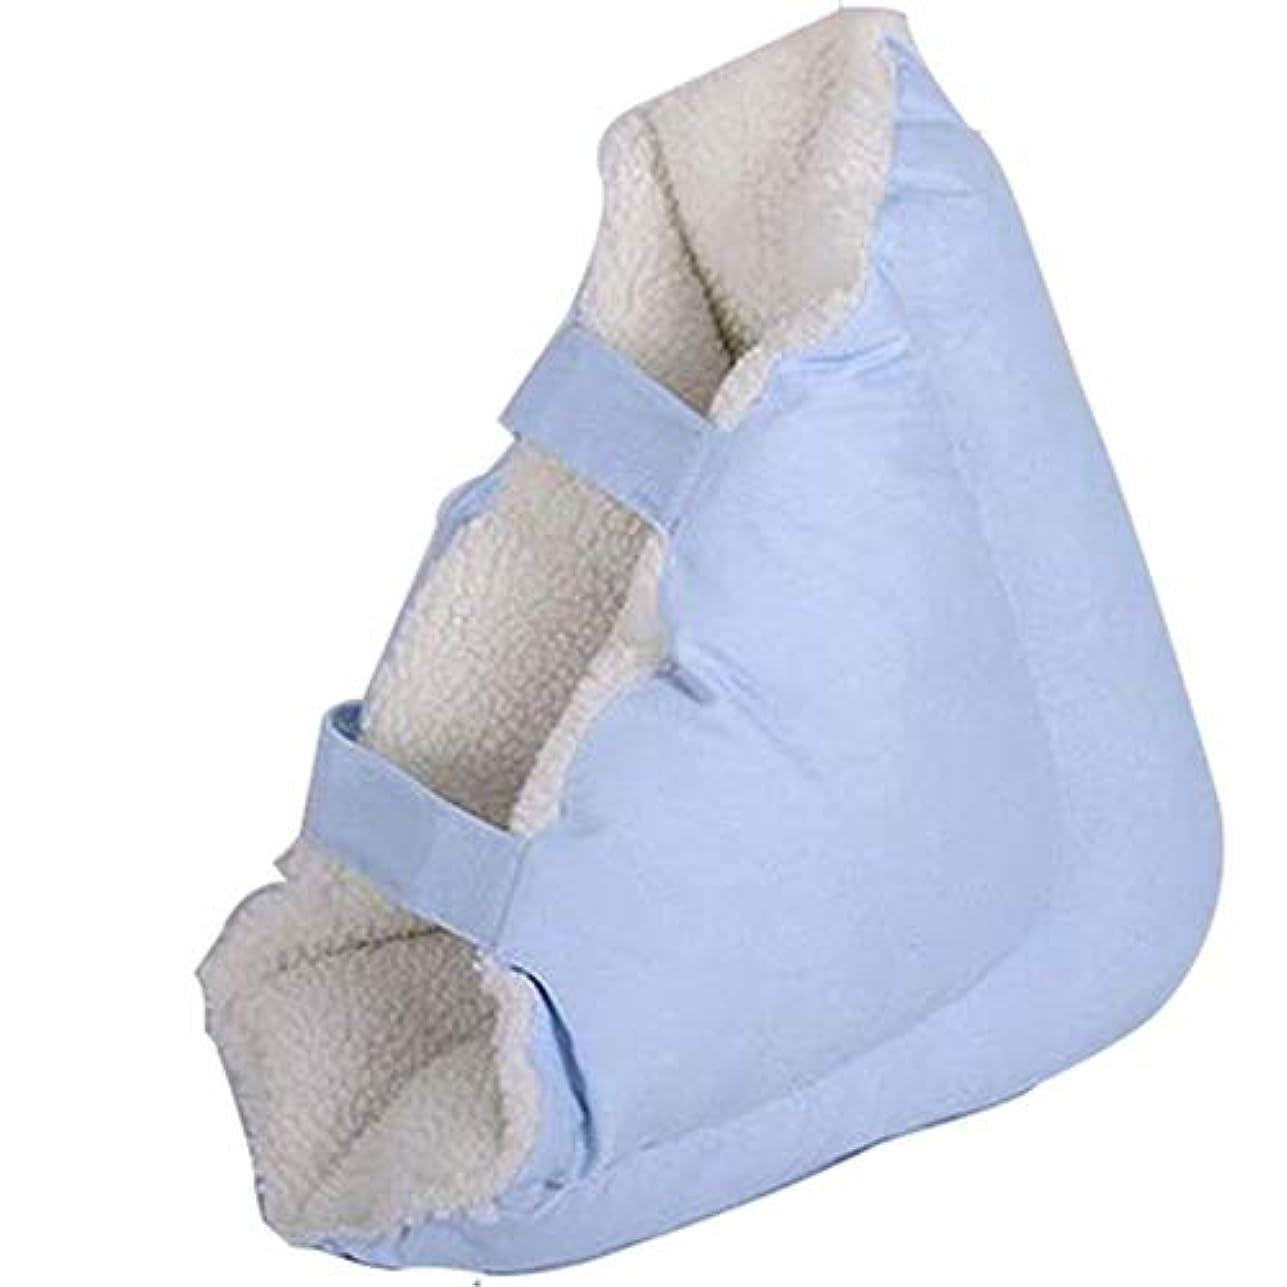 電気的下向き生命体ヒールクッションプロテクター、足枕かかとパッド保護パッド-抗ニキビ抗菌布枕、1ペア床ずれ防止 かかとあて